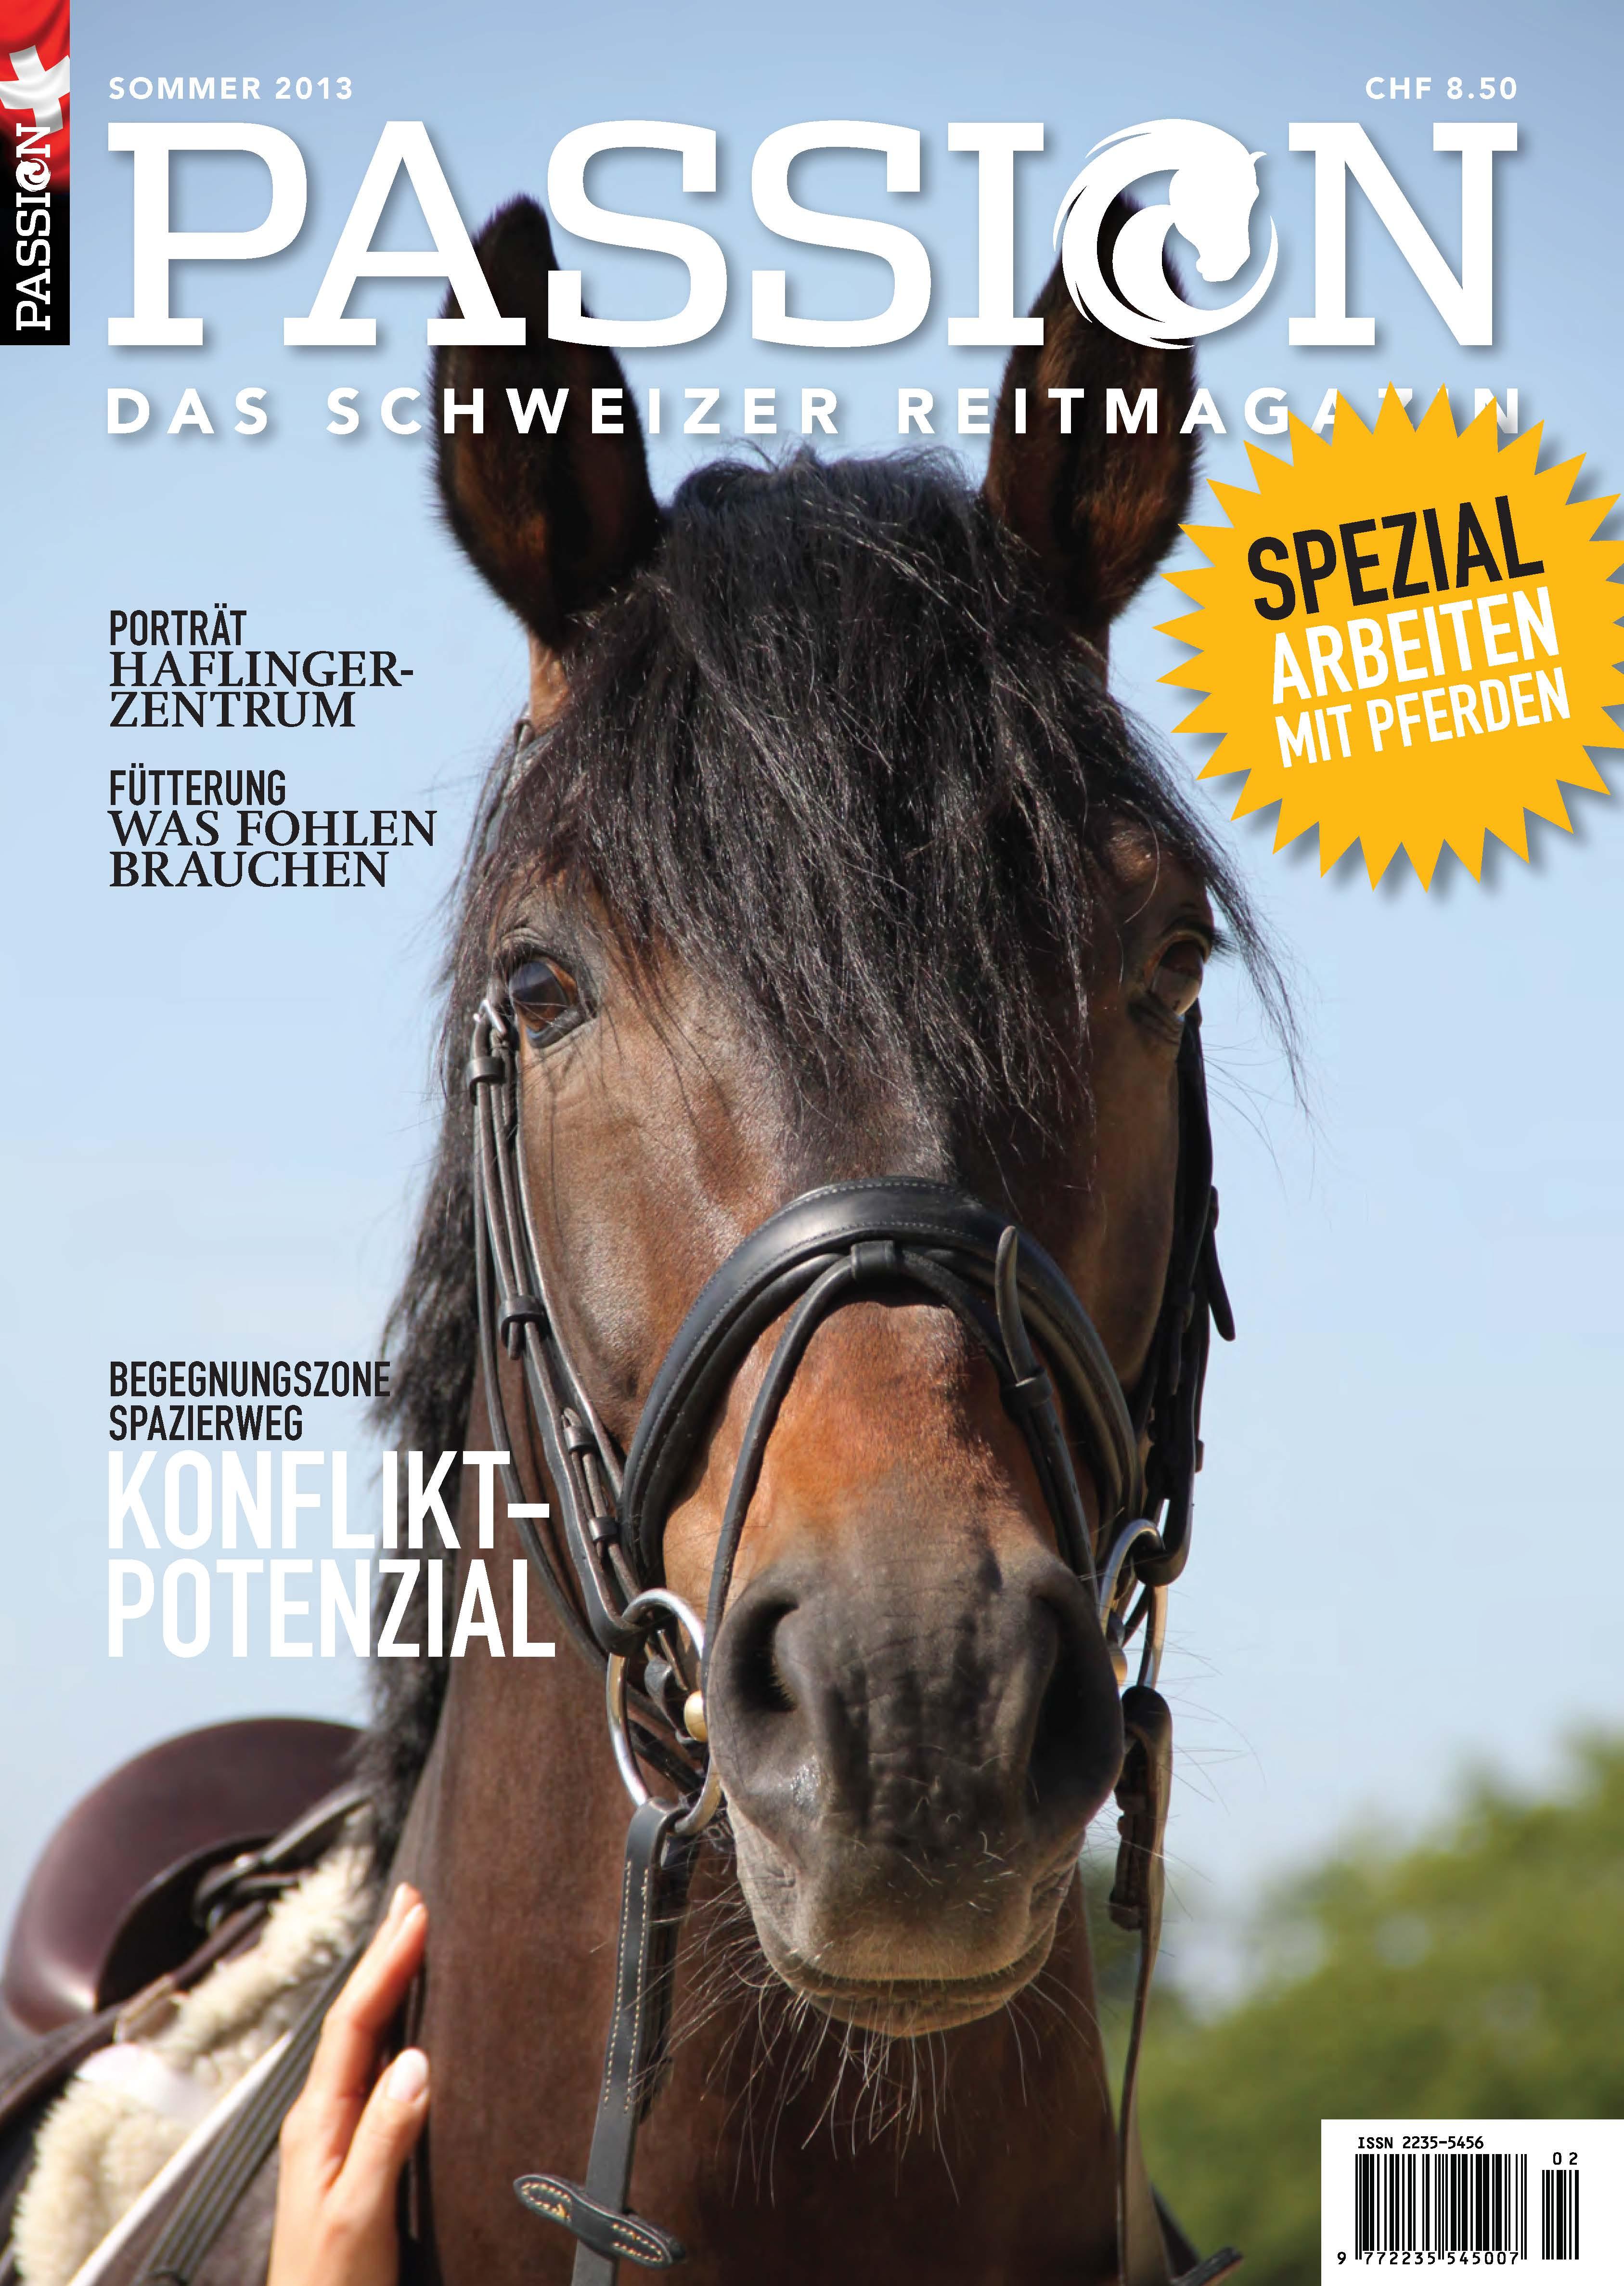 Titelseite Sommer 2013